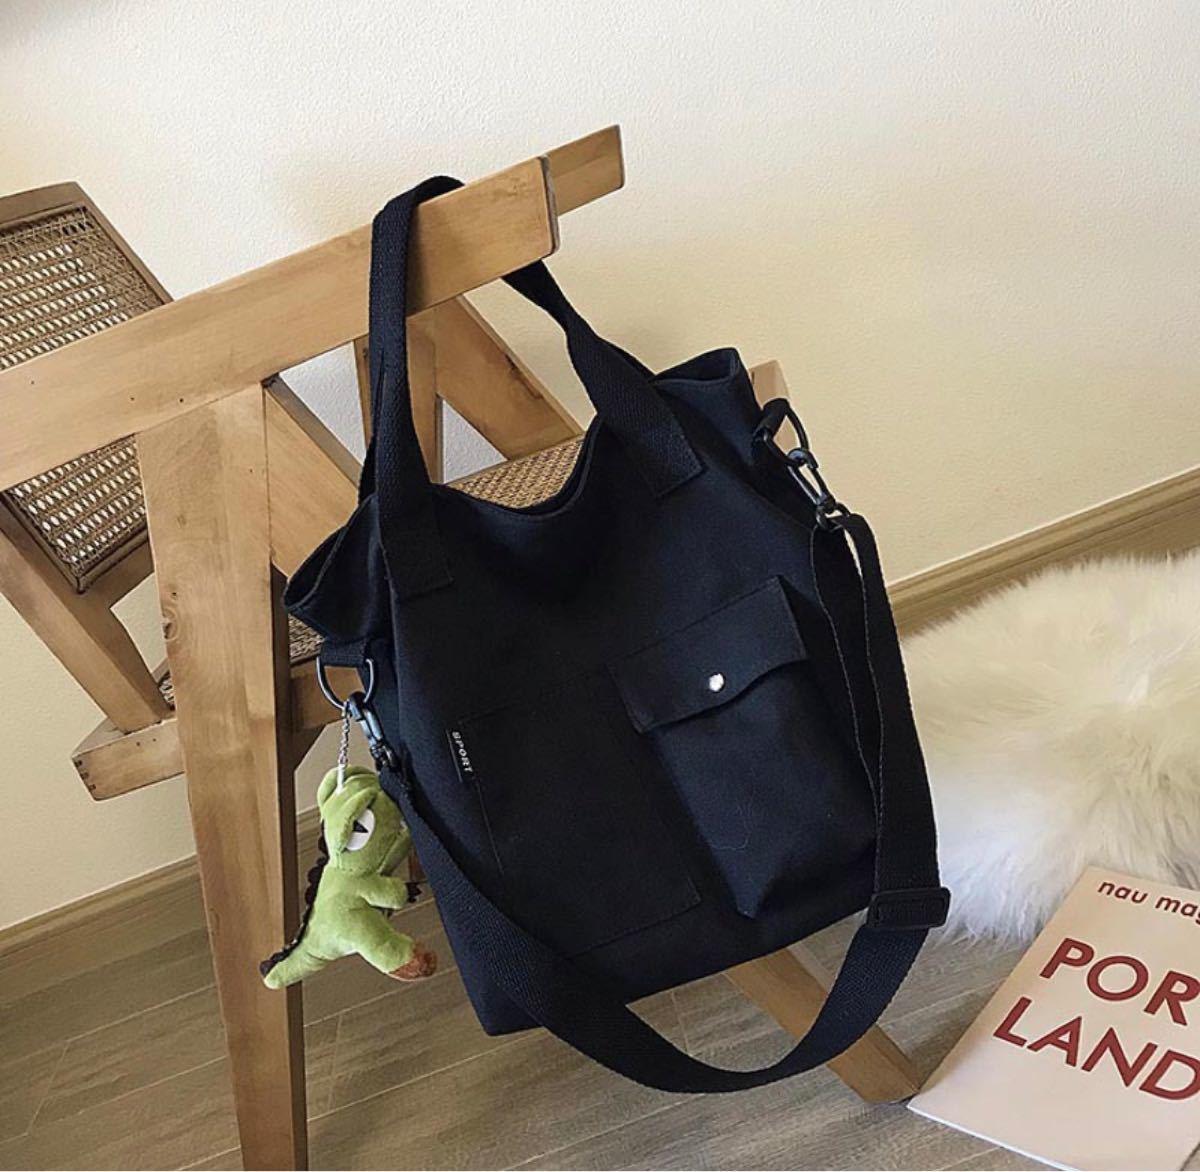 ショルダーバッグ 黒 トートバッグ バケットバッグ 2way レディース 鞄